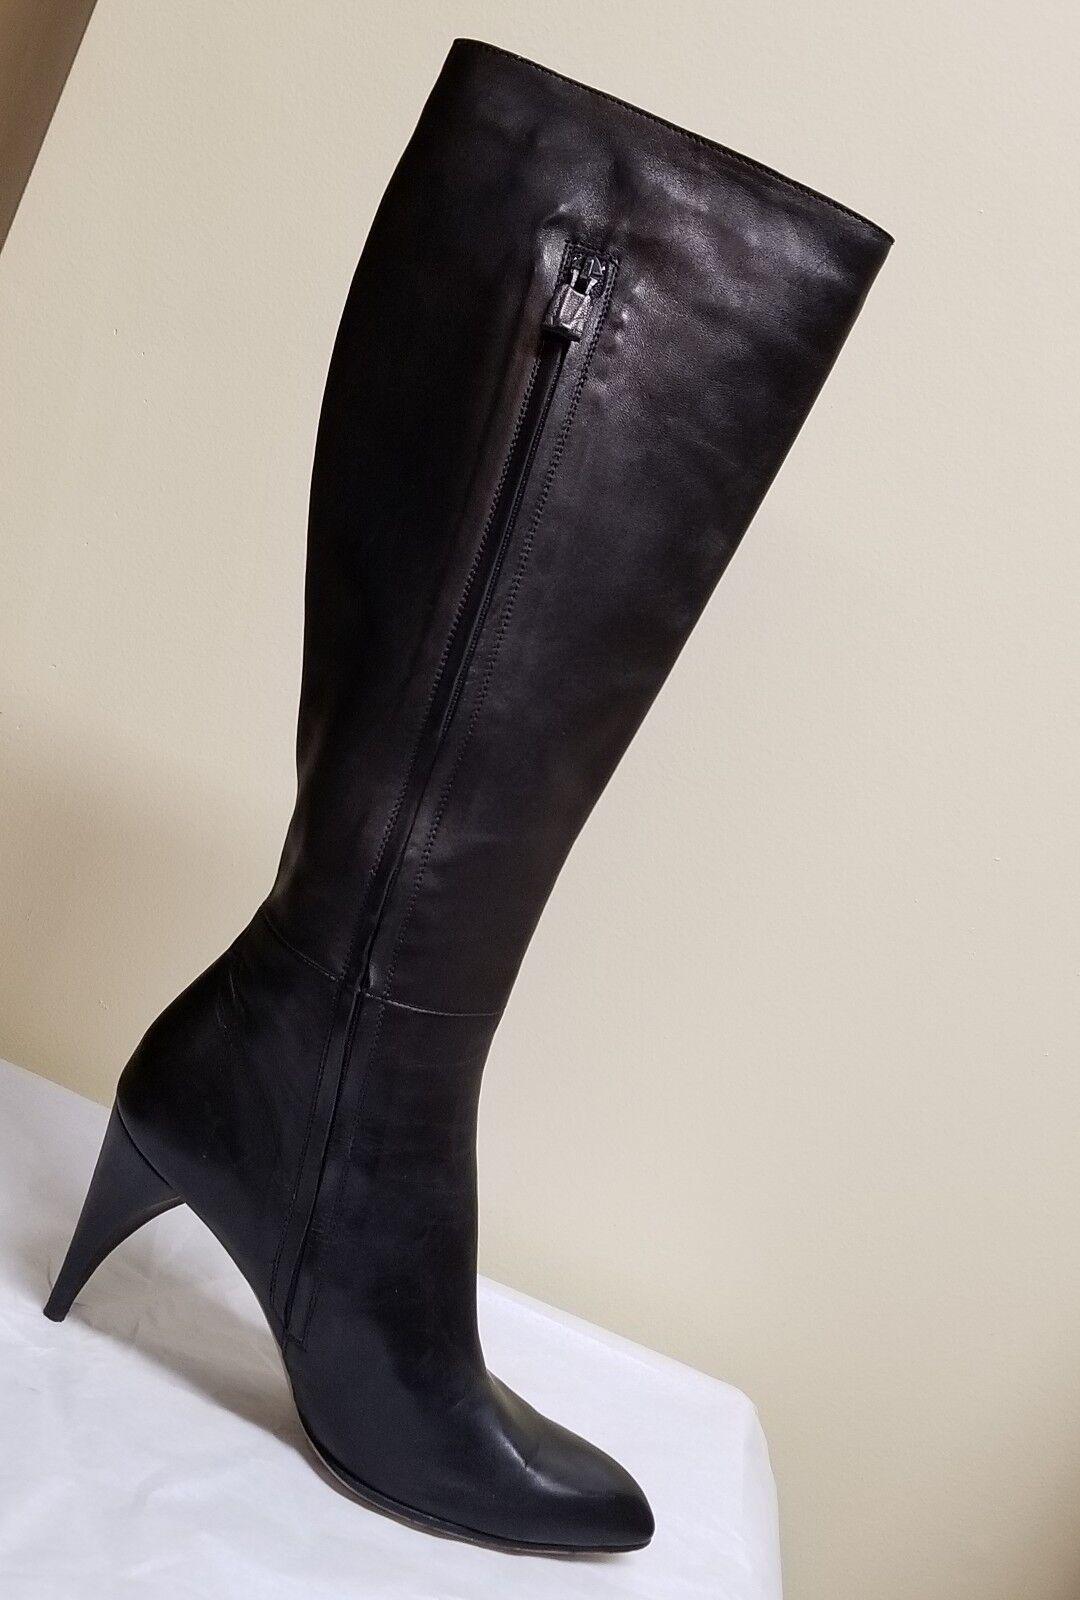 Máscara Máscara Máscara Nacional rodilla alta botas de cuero negro de diseñador, tamaño euro 38 (US 7.5)  precioso